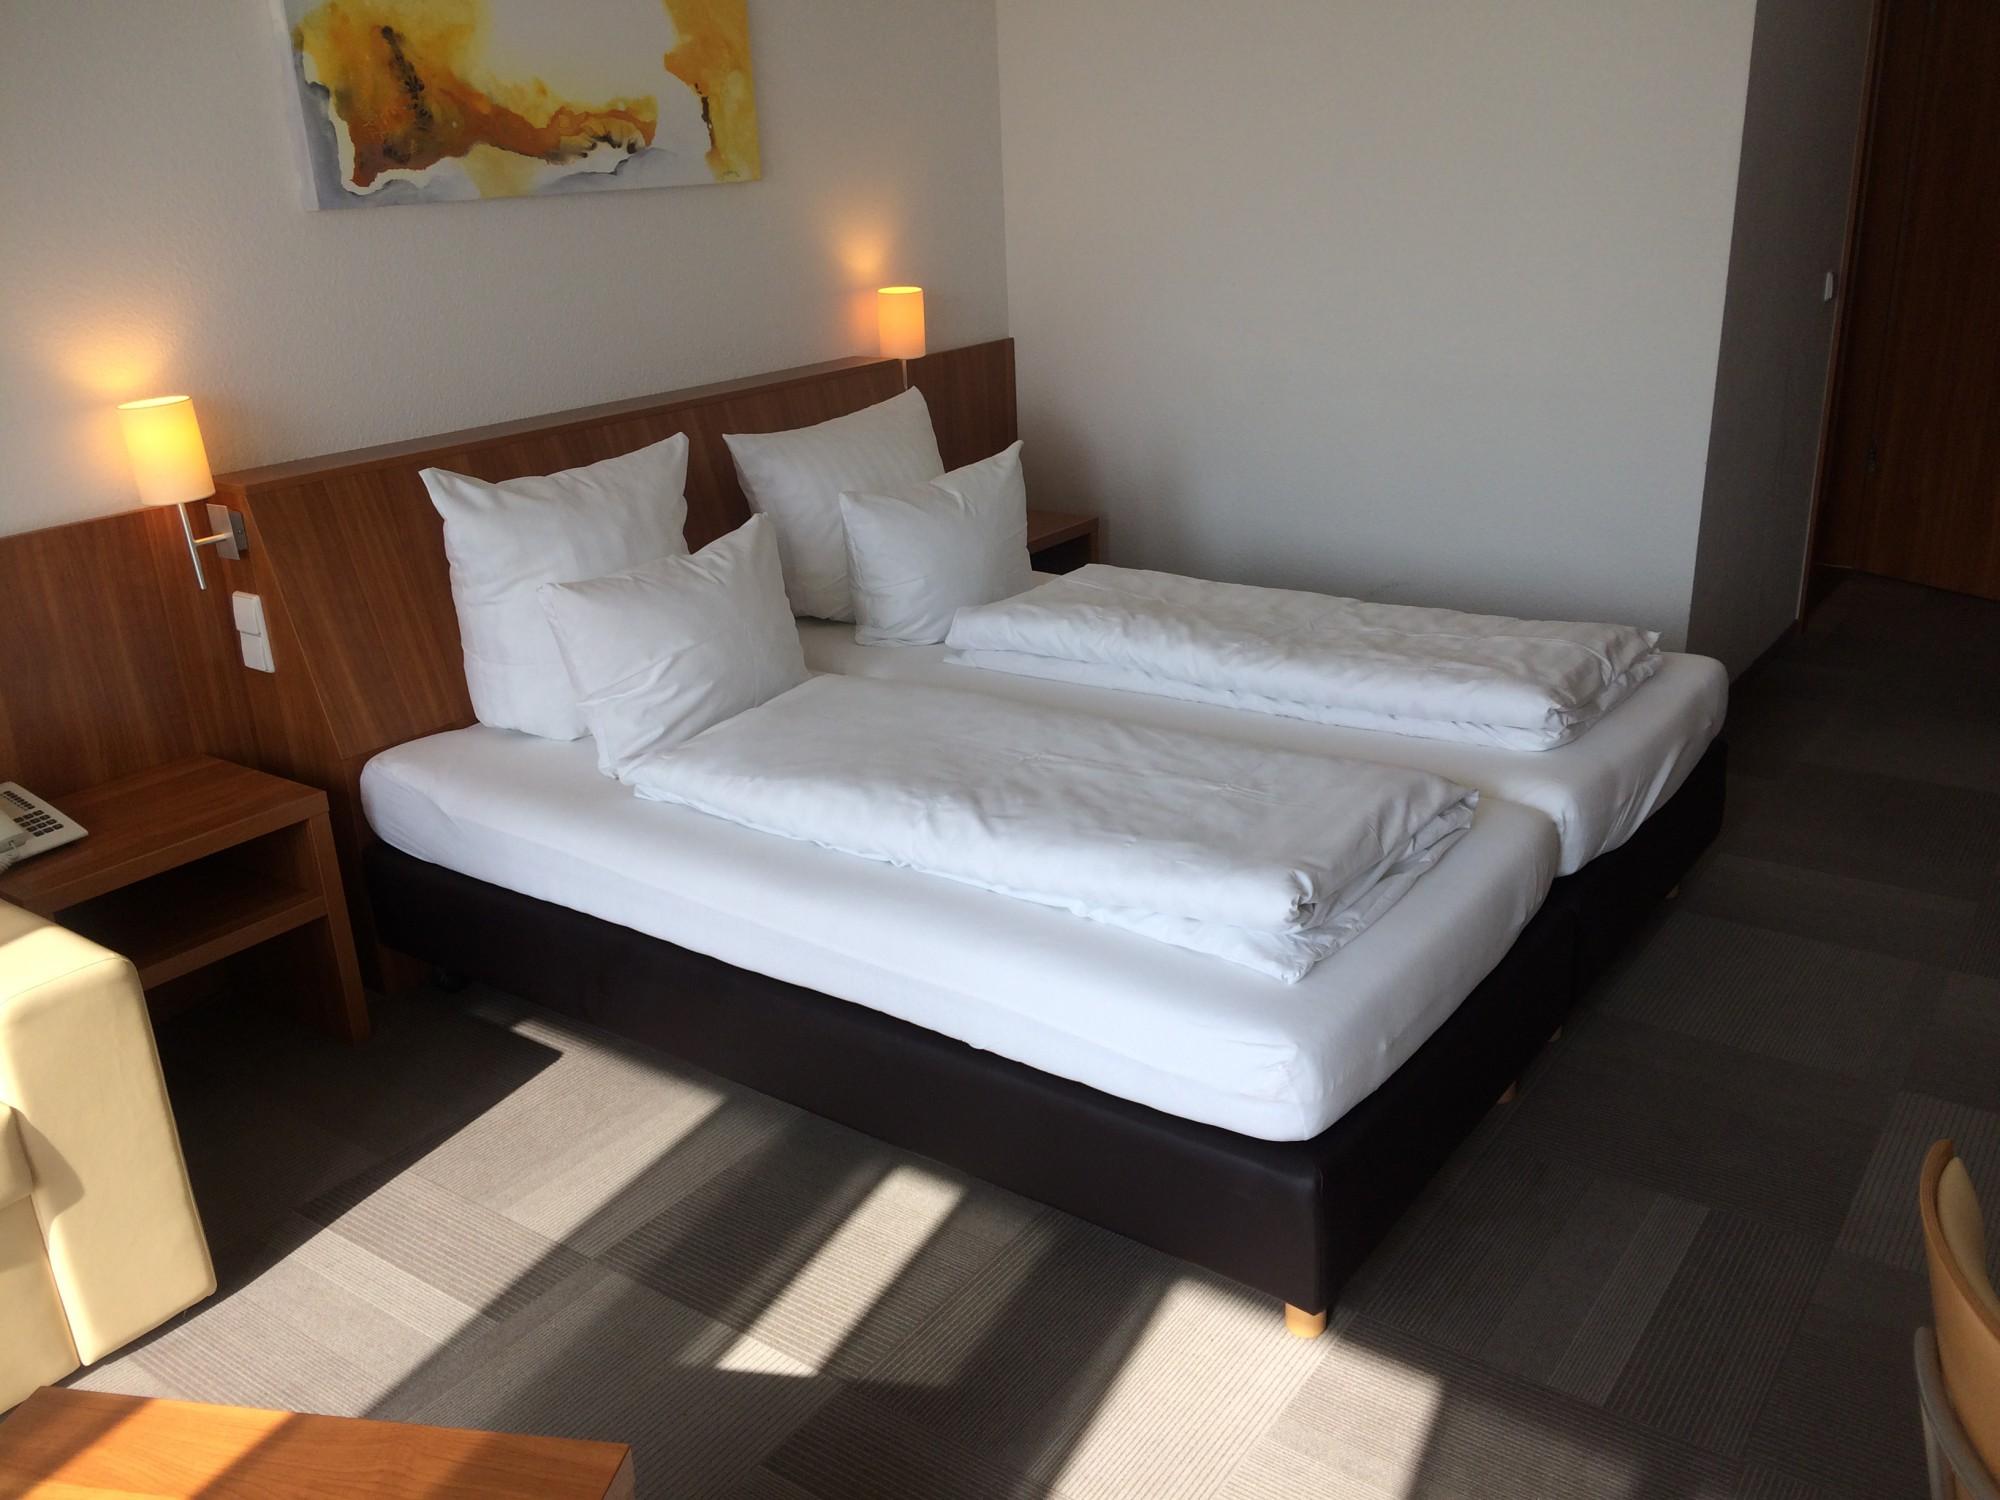 Full Size of Bett Matratze Hotelbett Boxspringbett 180x200cm 100x200 Ausklappbares Japanische Betten Bette Starlet Mit Schubladen überlänge Kaufen 140x200 Schlafzimmer Bett Bett Matratze